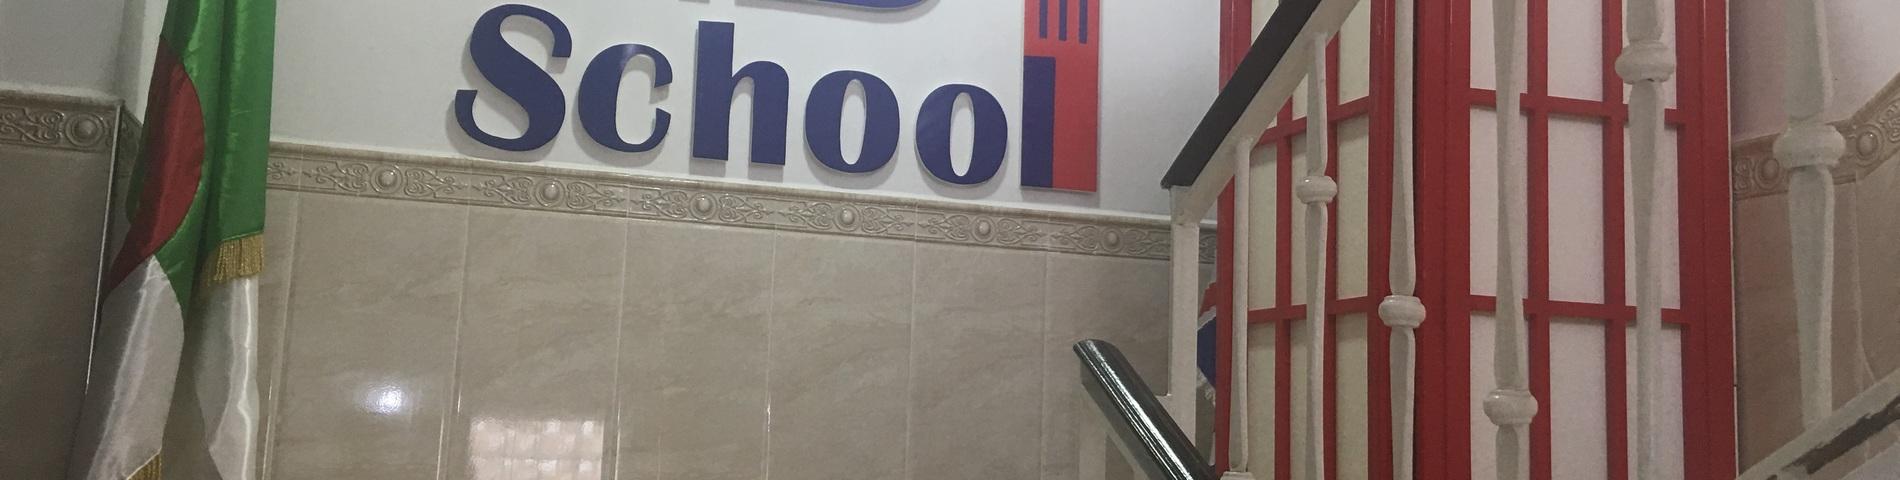 ABI School afbeelding 1